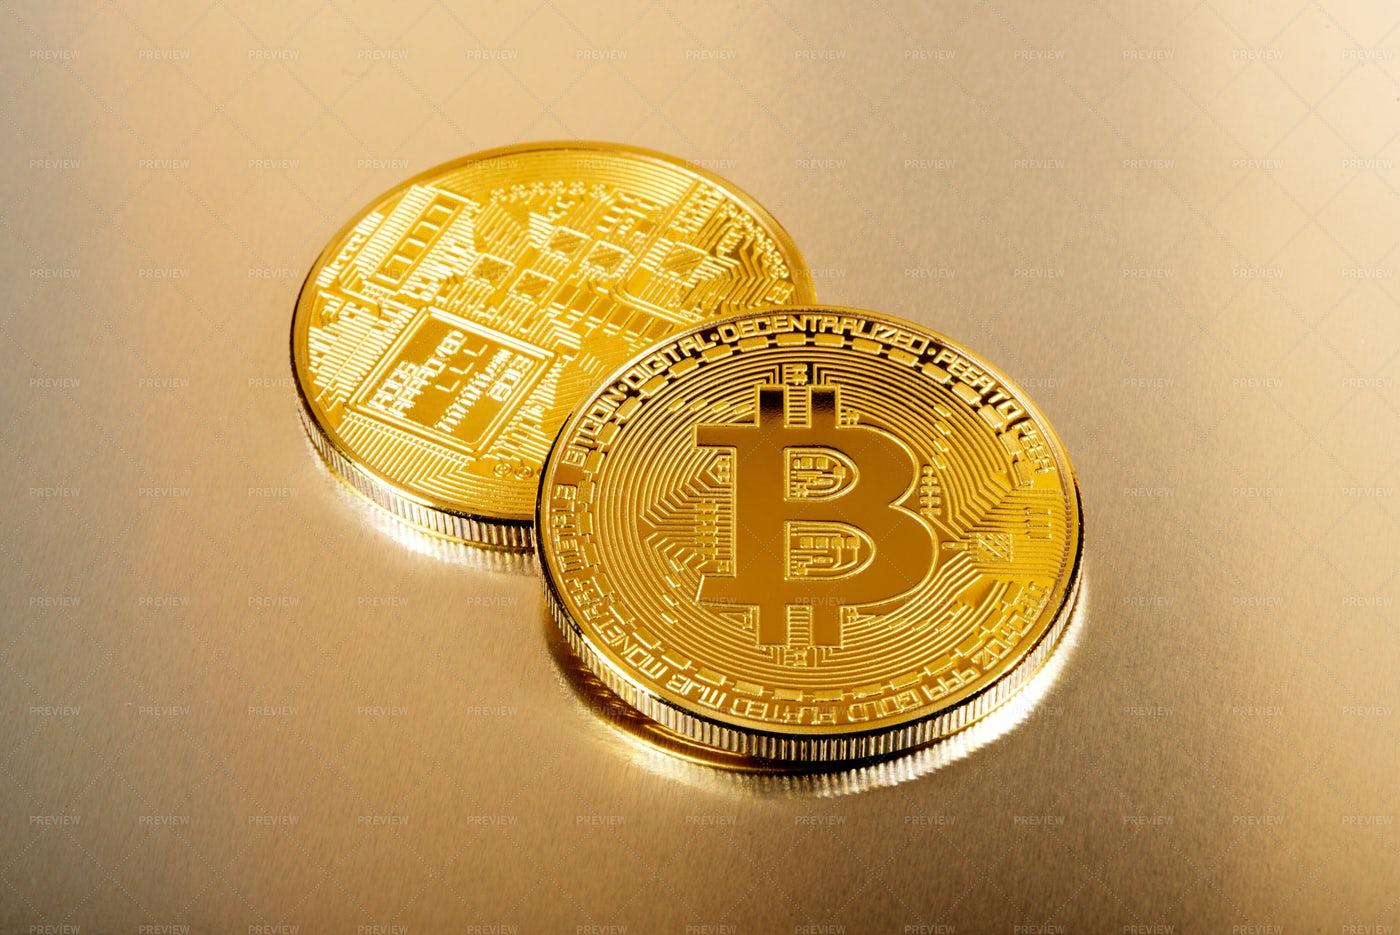 Collectible Bitcoins: Stock Photos